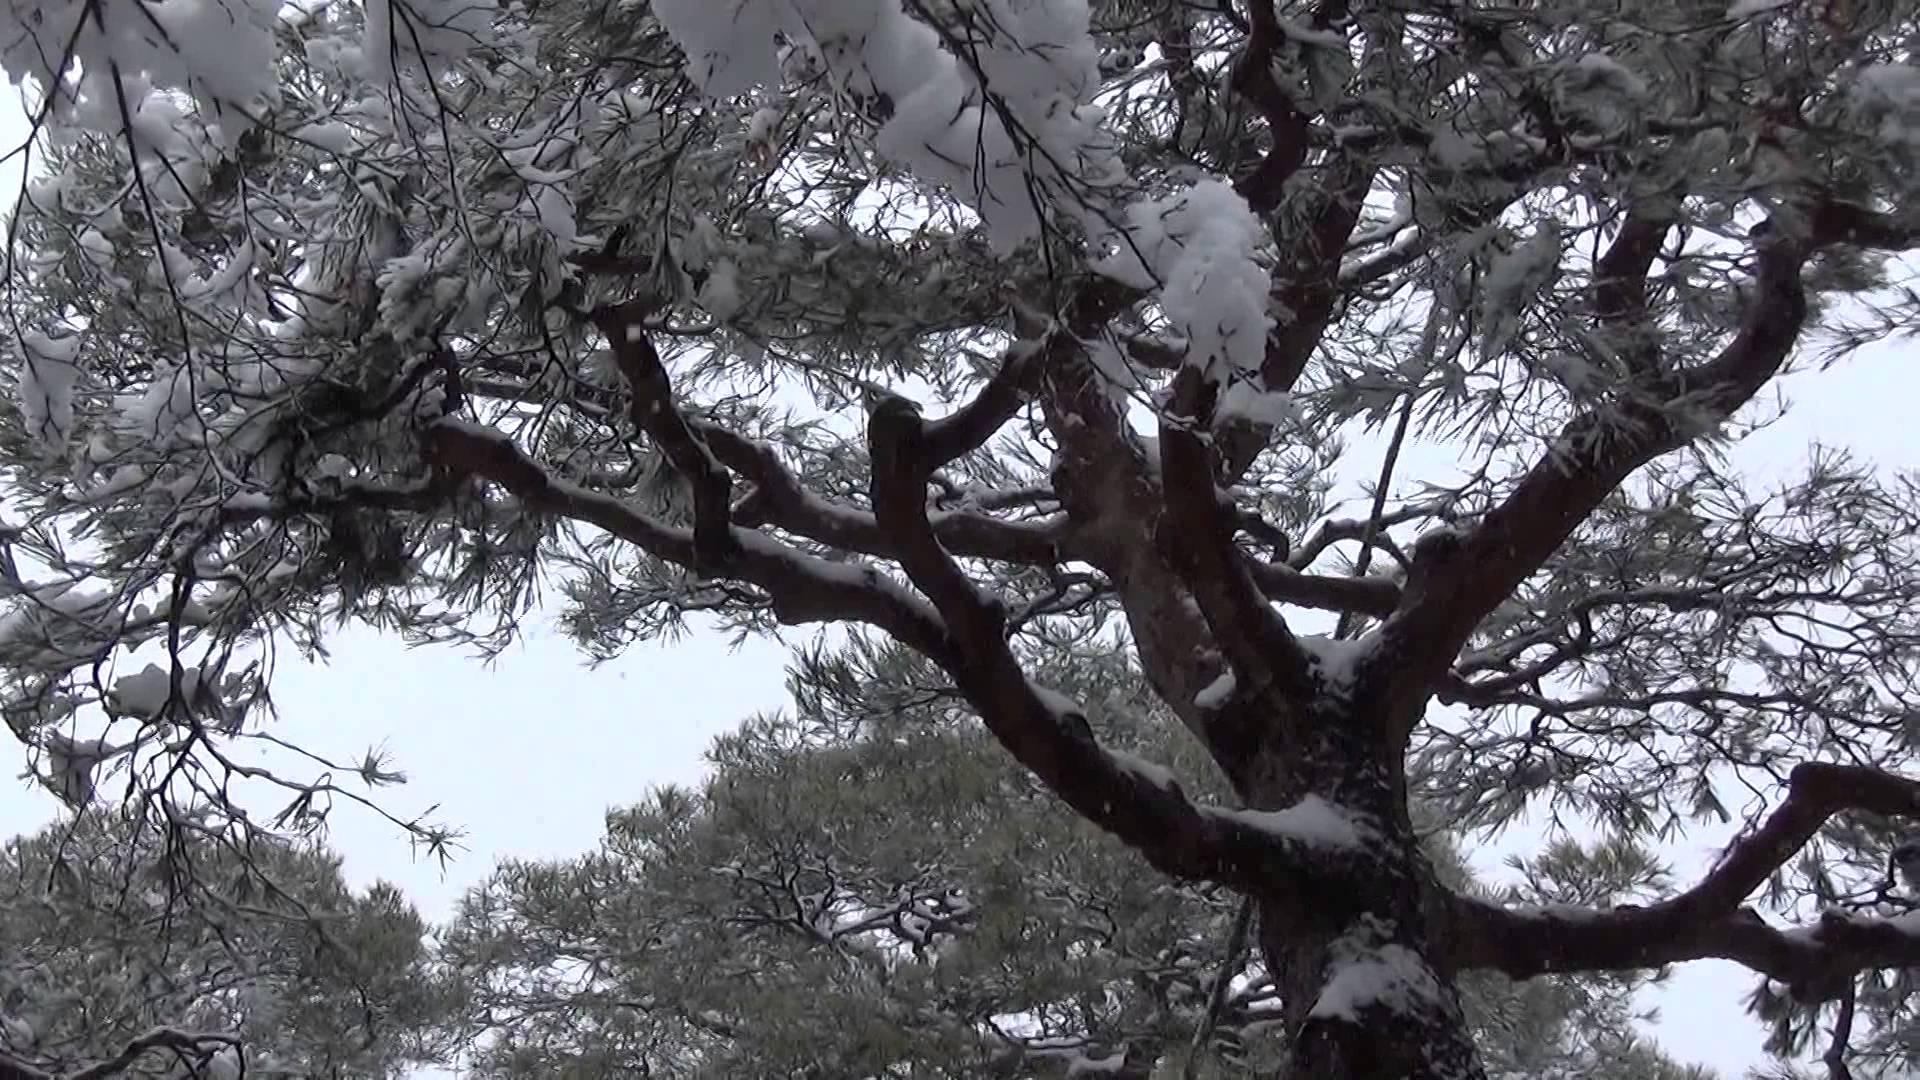 雪化粧銀閣寺の庭にて除雪部隊が大活躍